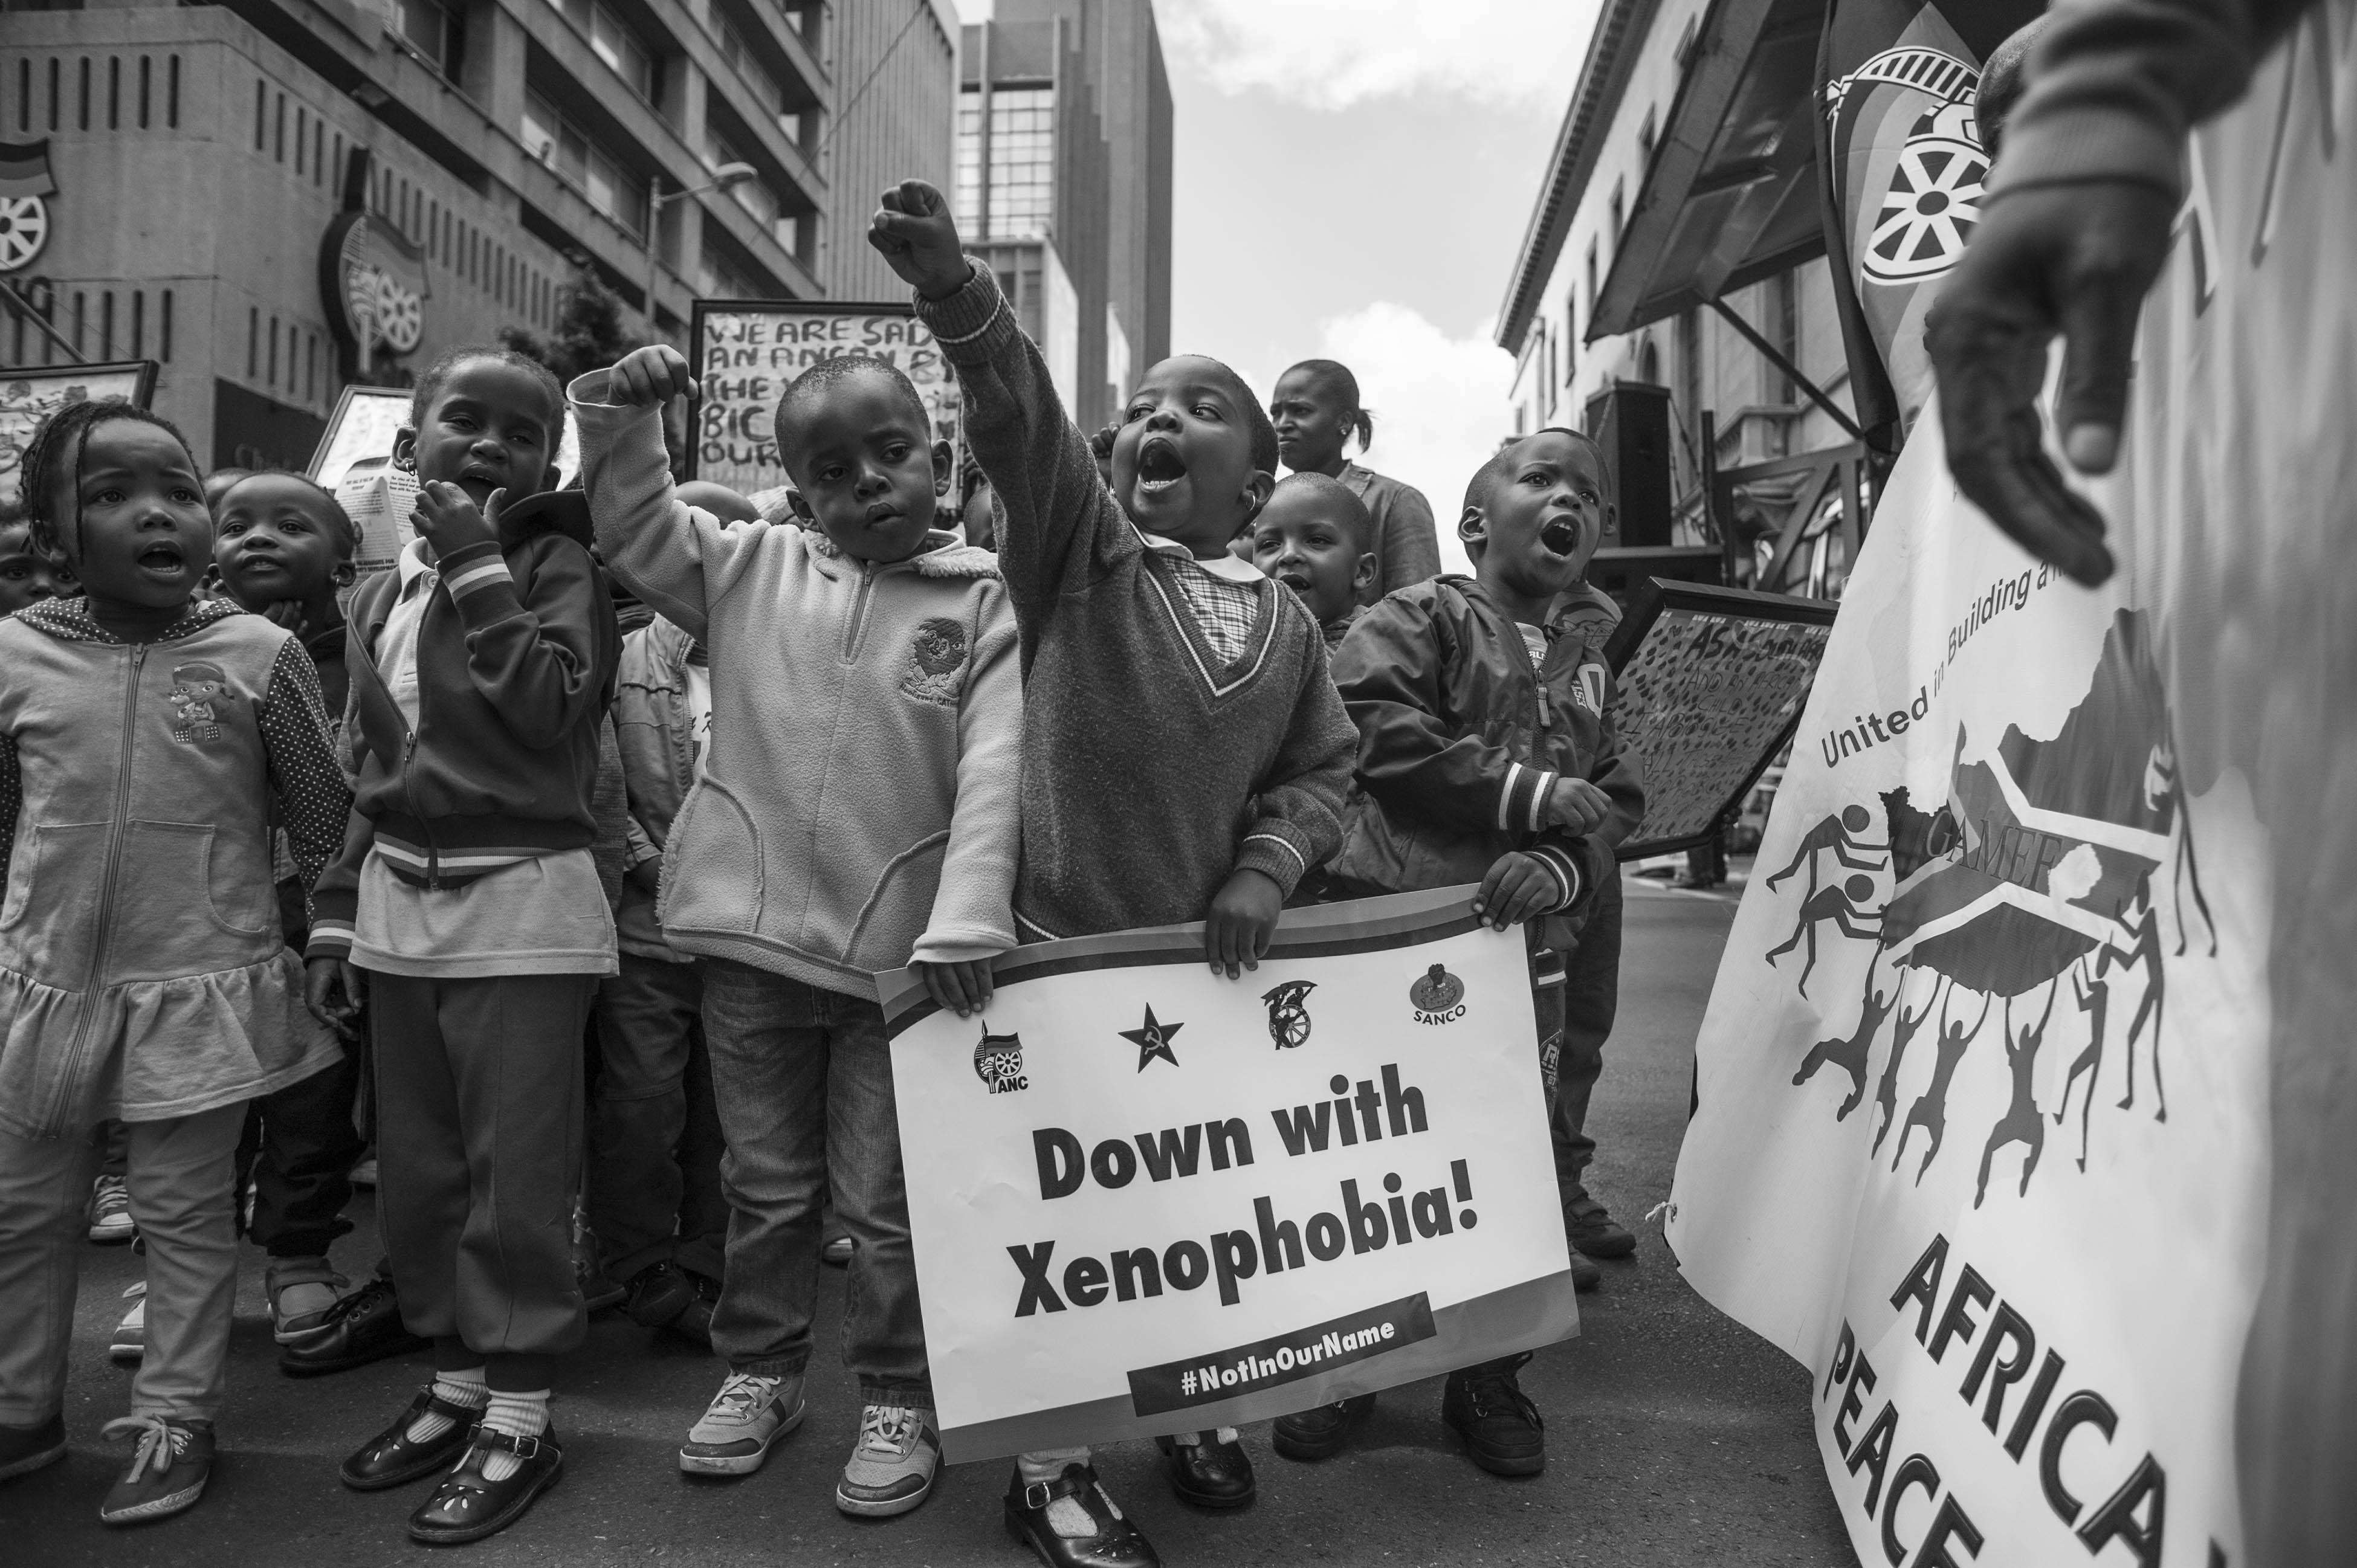 что означает понятие ксенофобия